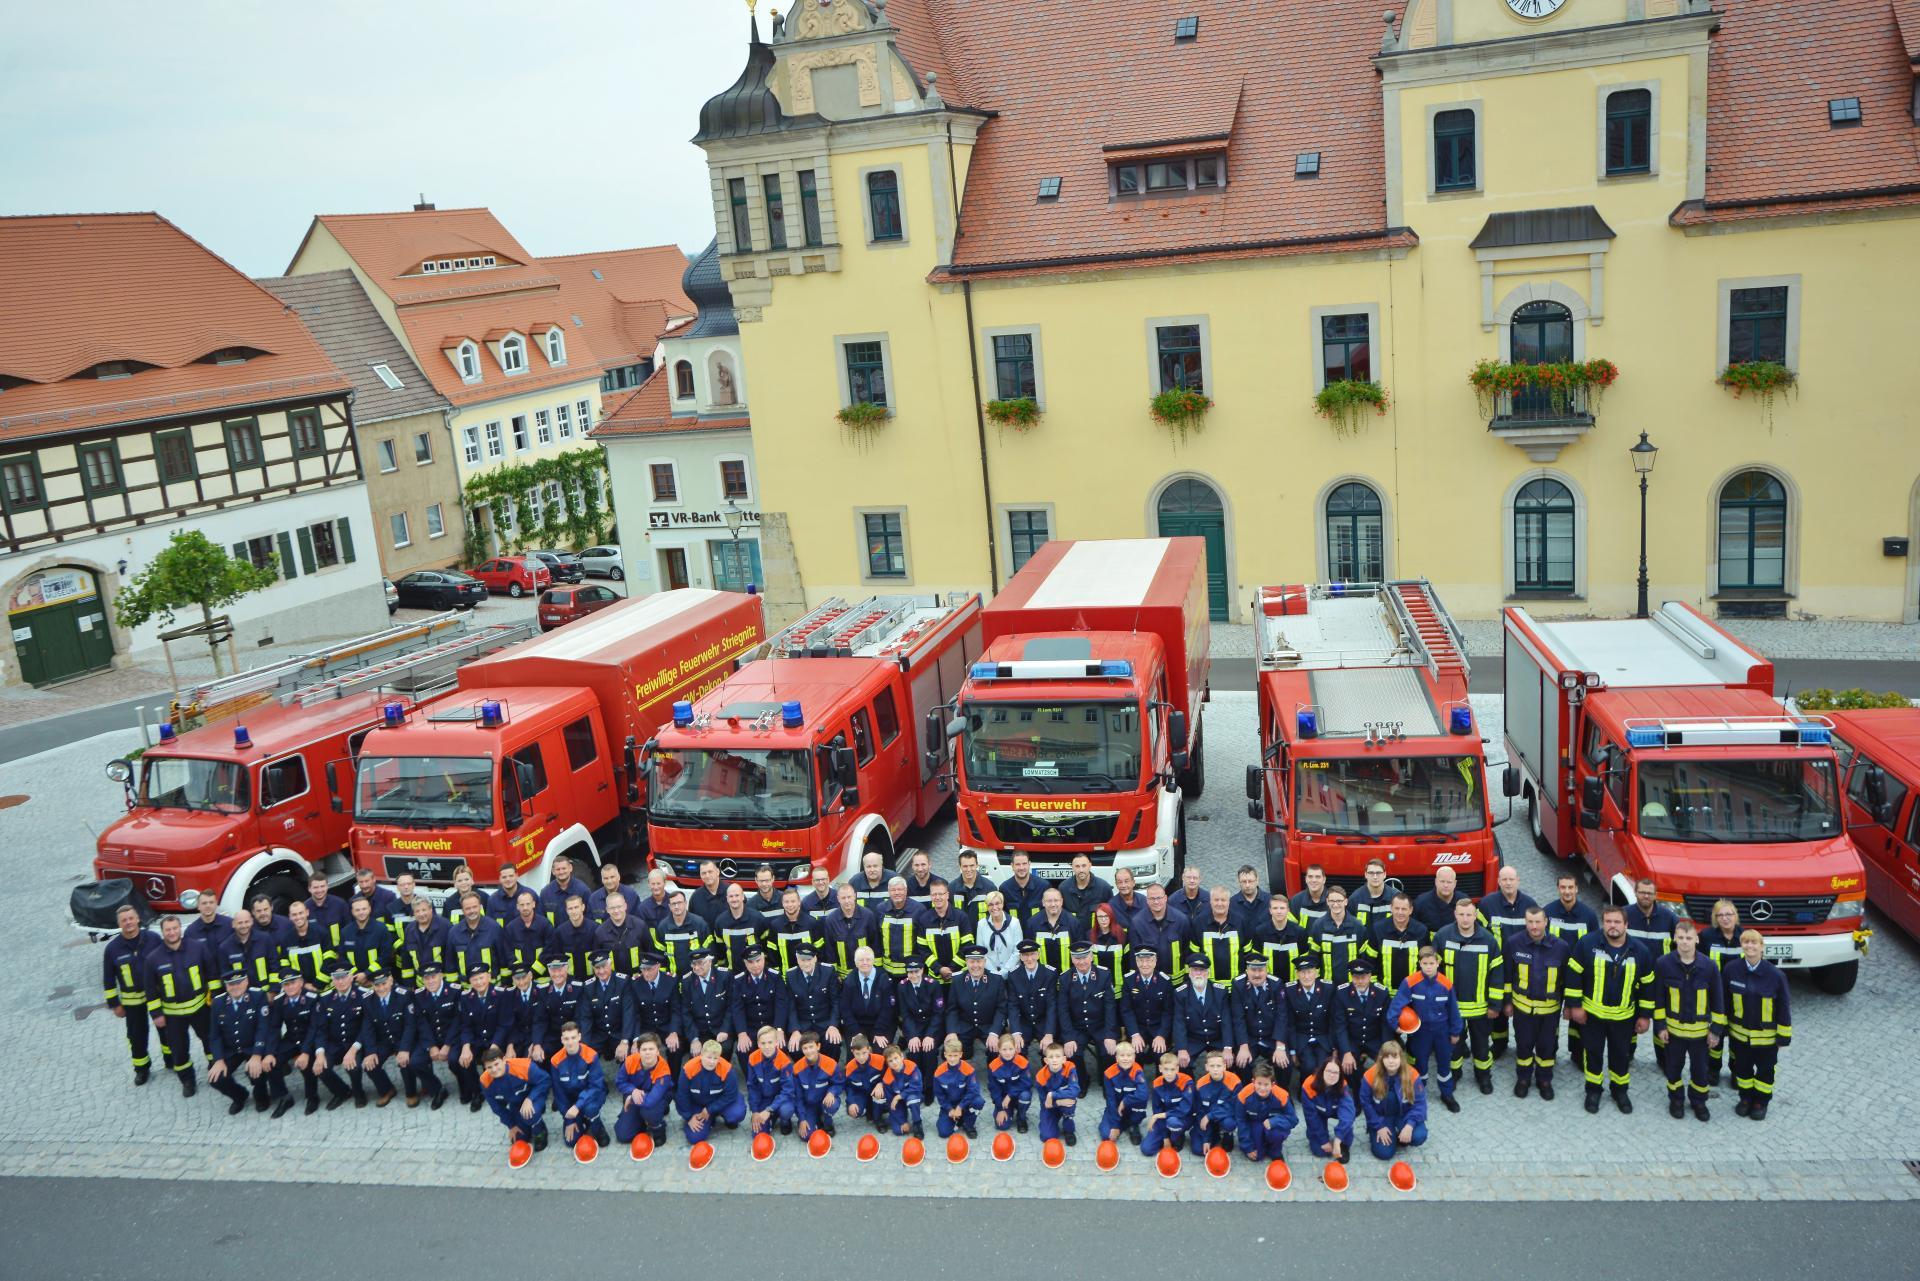 Stadtfeuerwehr Lommatzsch-Mannschaft